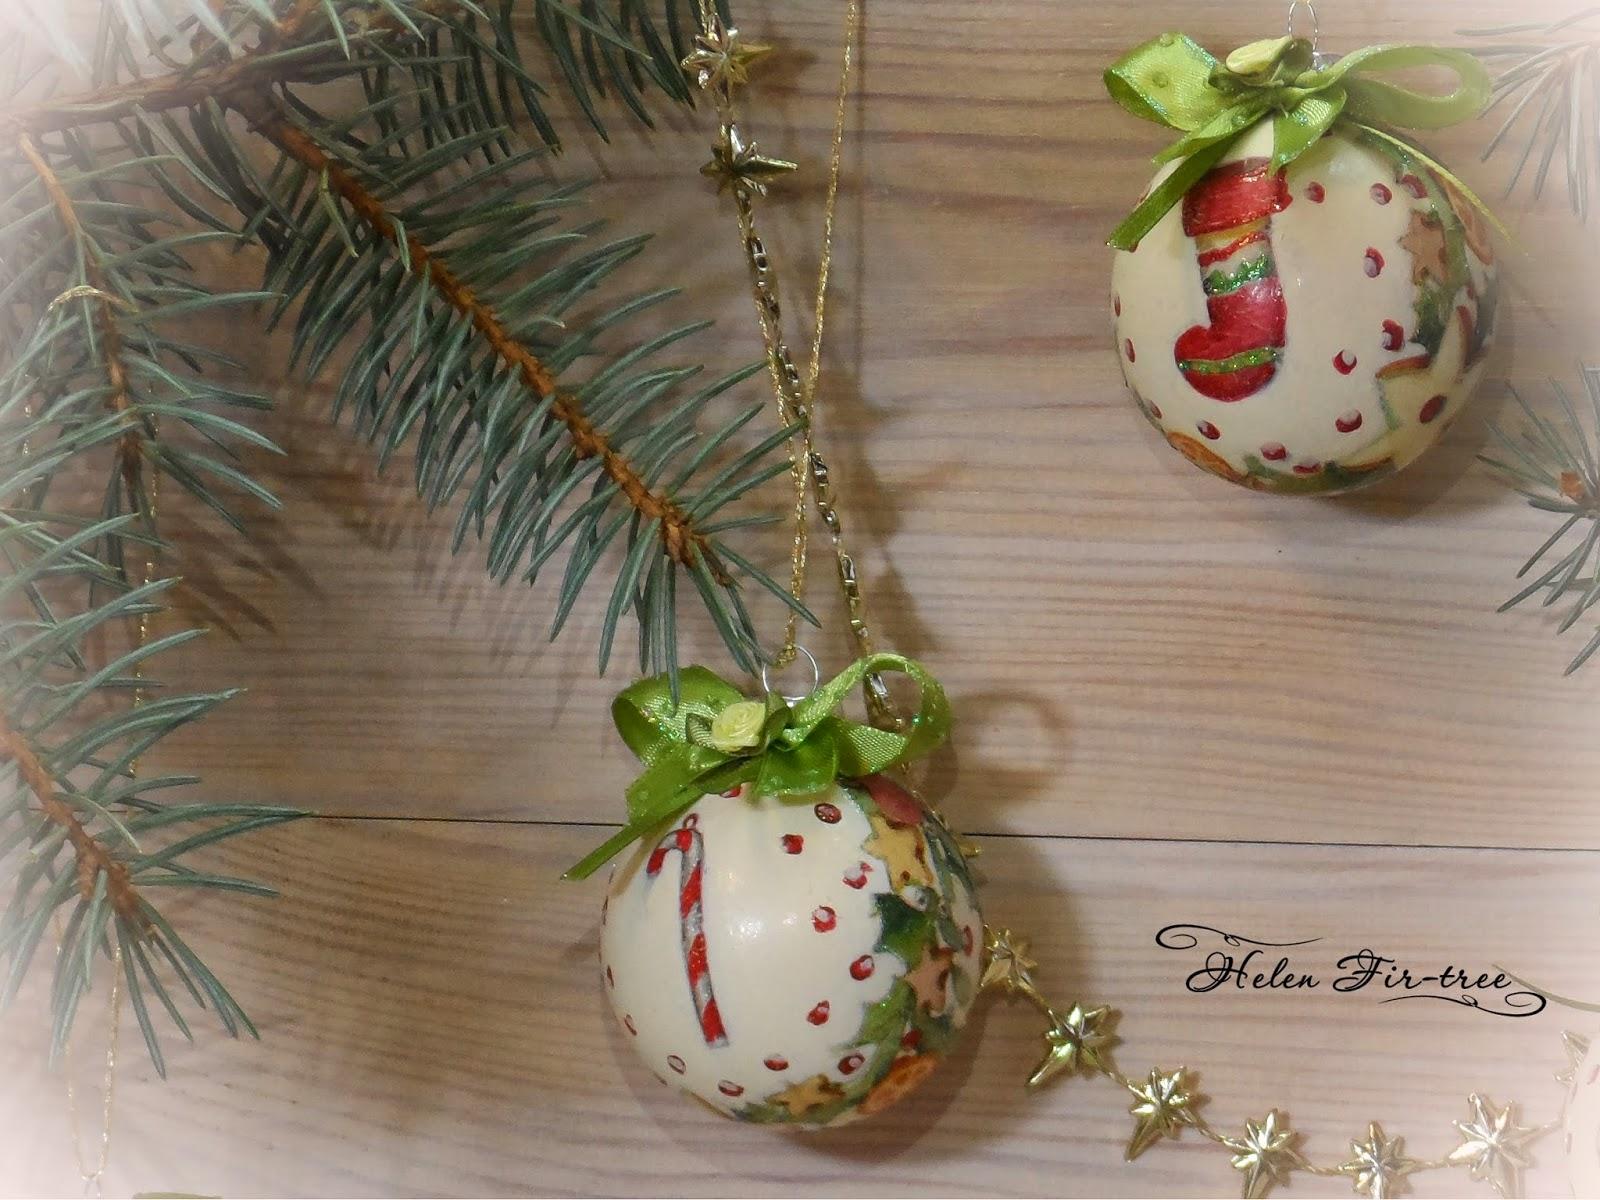 Helen Fir-tree декупаж ёлочные шары decoupage Christmas tree balls